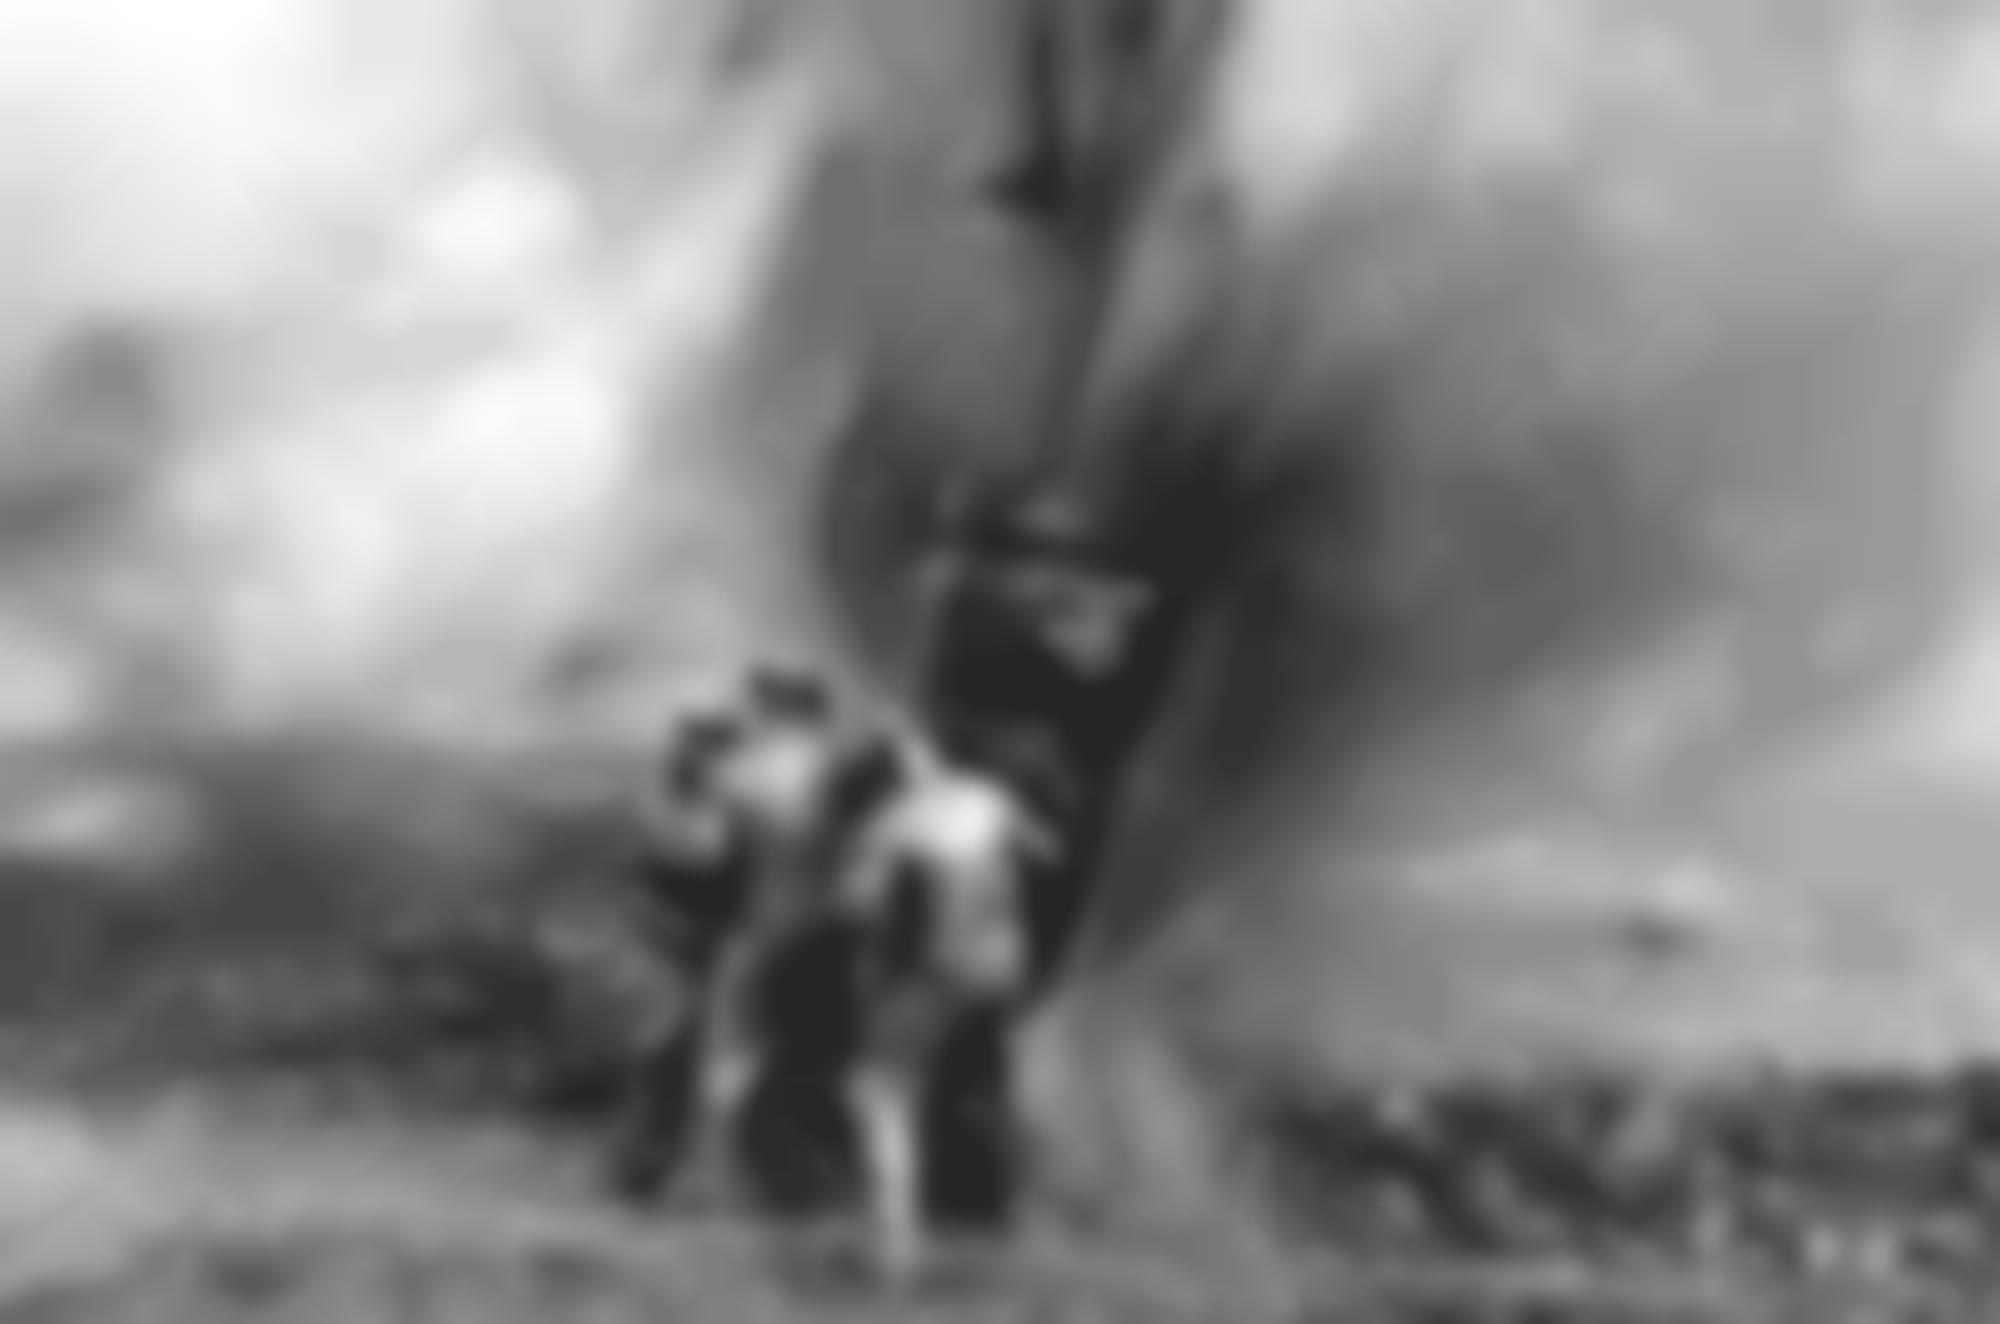 Sebastiao Salgado-'Greater Burhan Oil Field' Kuwait-1991